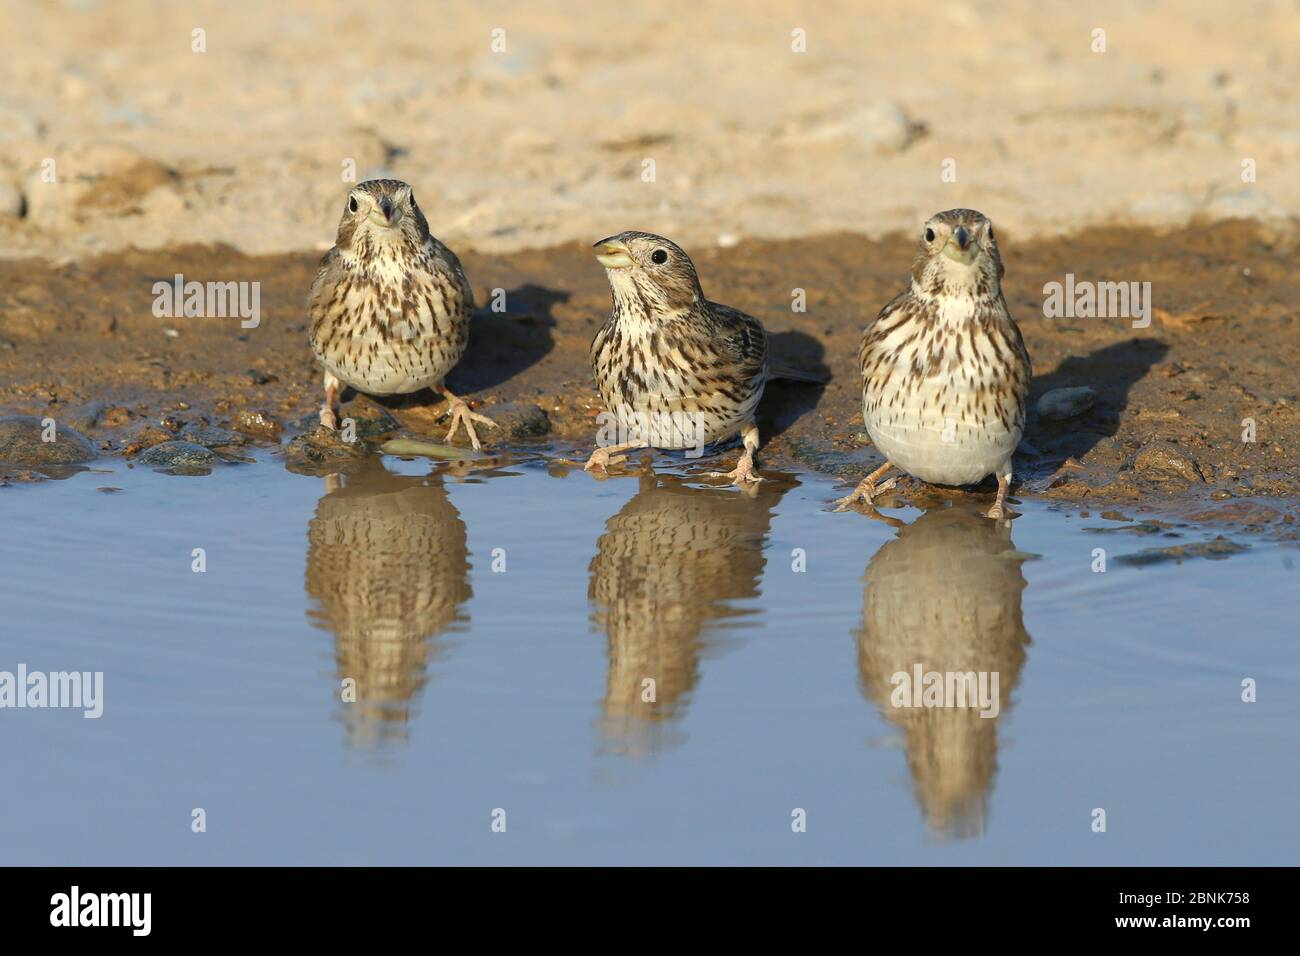 Bouées de maïs (Emberiza calandra) trois alignées à l'eau, Oman, décembre Banque D'Images